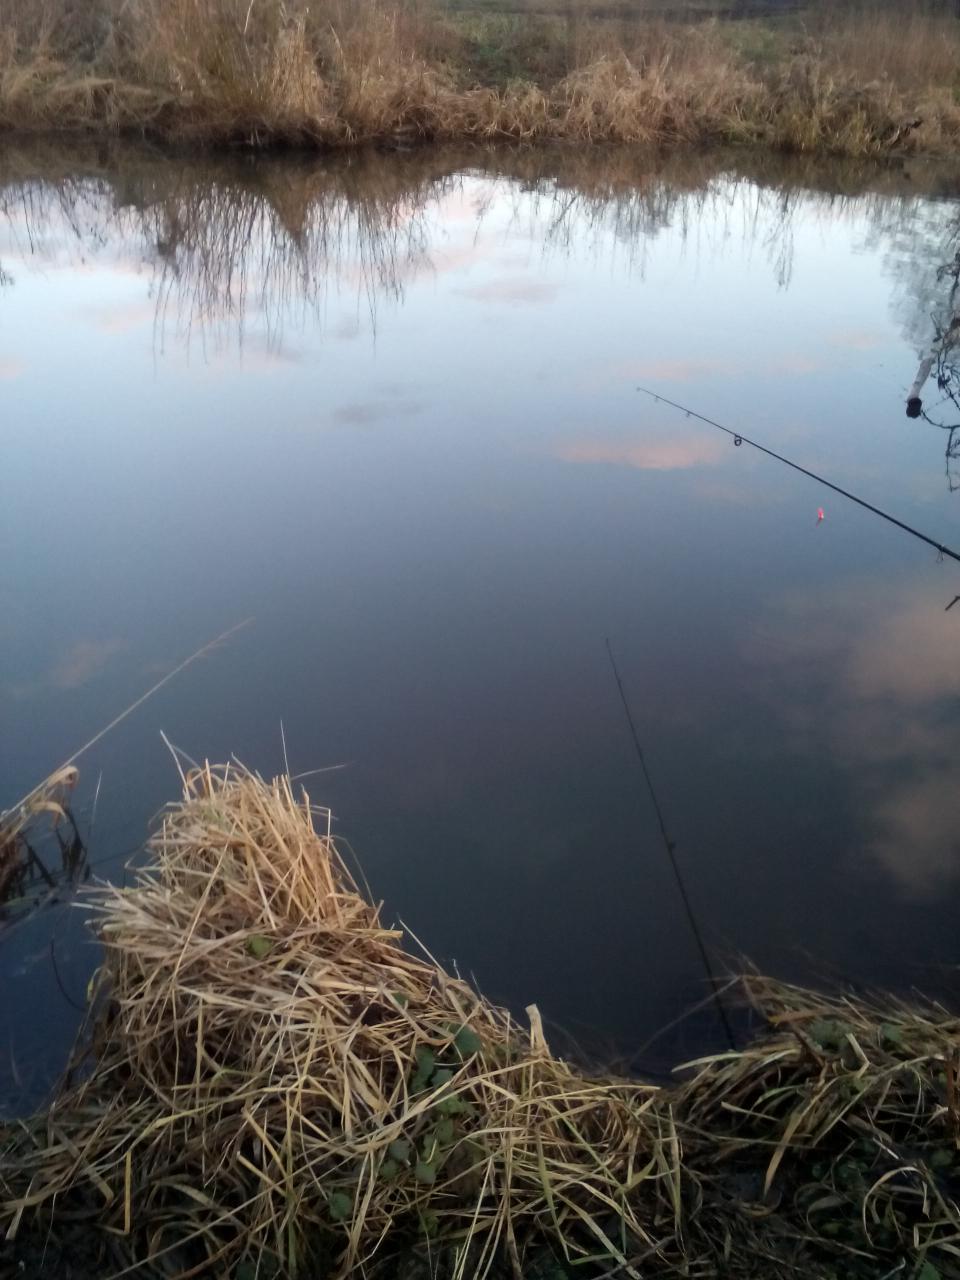 Всем привет. В субботу 6.01.18 зазвонил будильник на ... | Отчеты о рыбалке в Беларуси